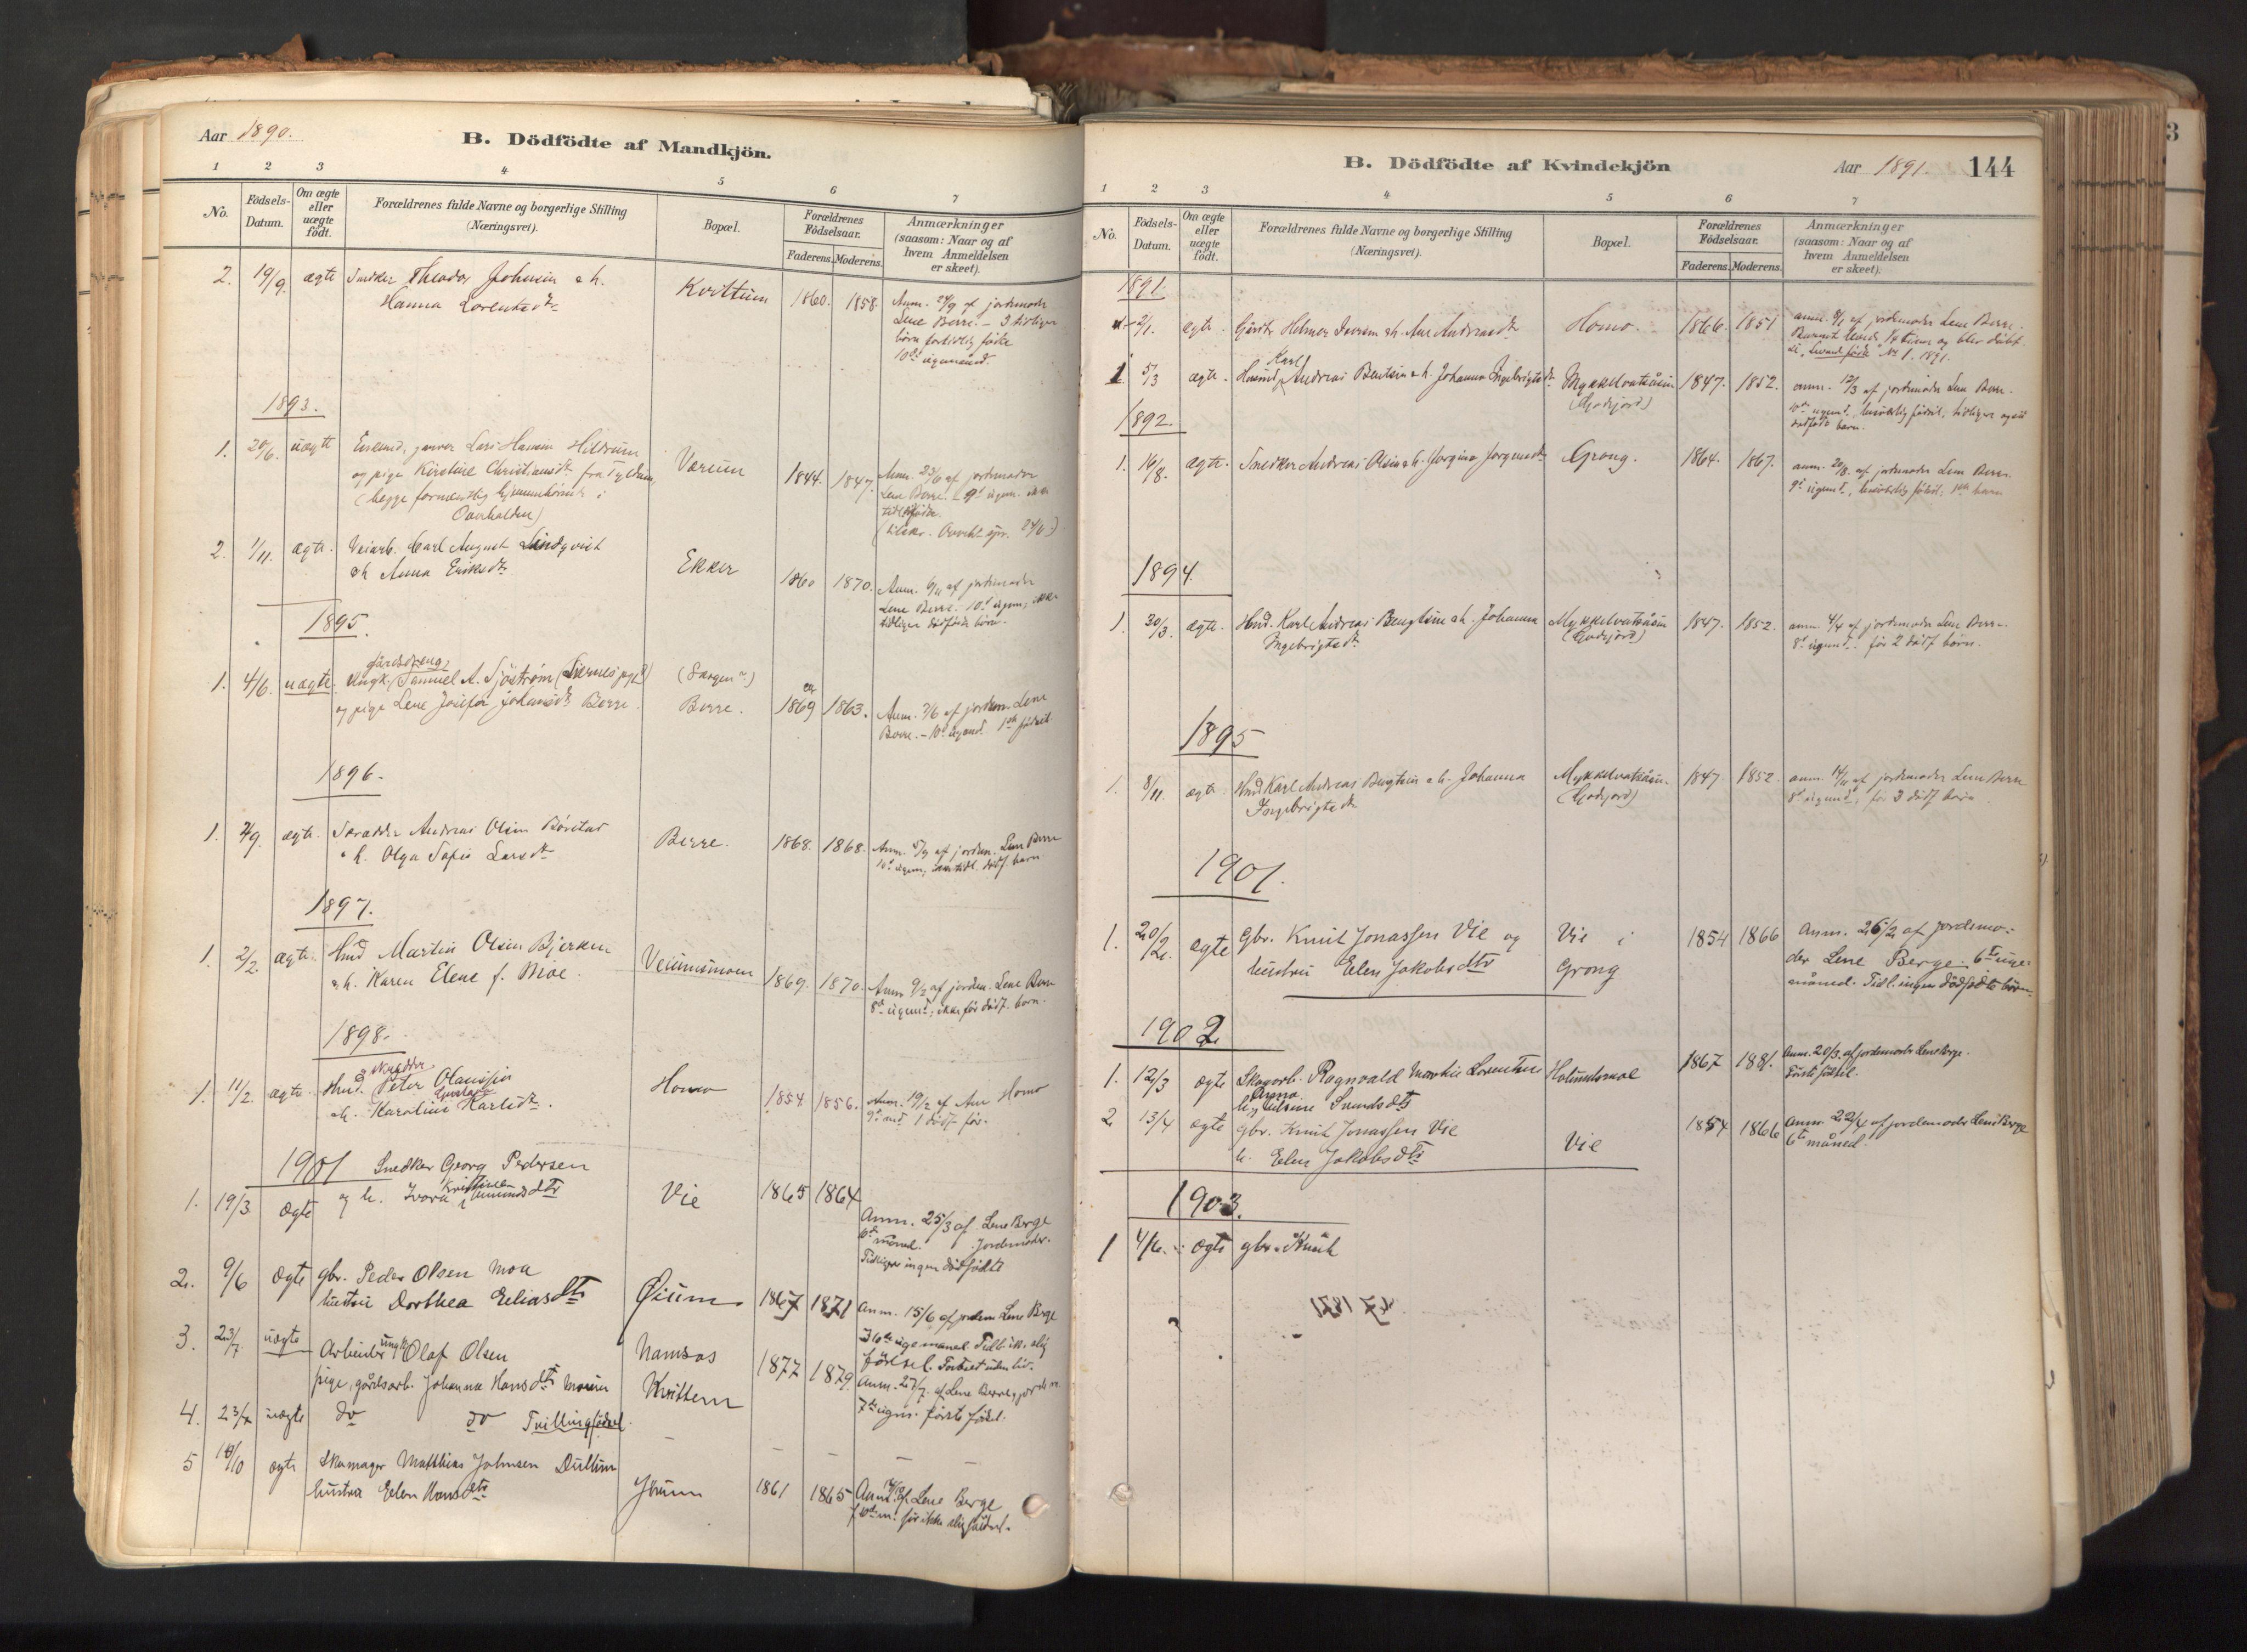 SAT, Ministerialprotokoller, klokkerbøker og fødselsregistre - Nord-Trøndelag, 758/L0519: Ministerialbok nr. 758A04, 1880-1926, s. 144